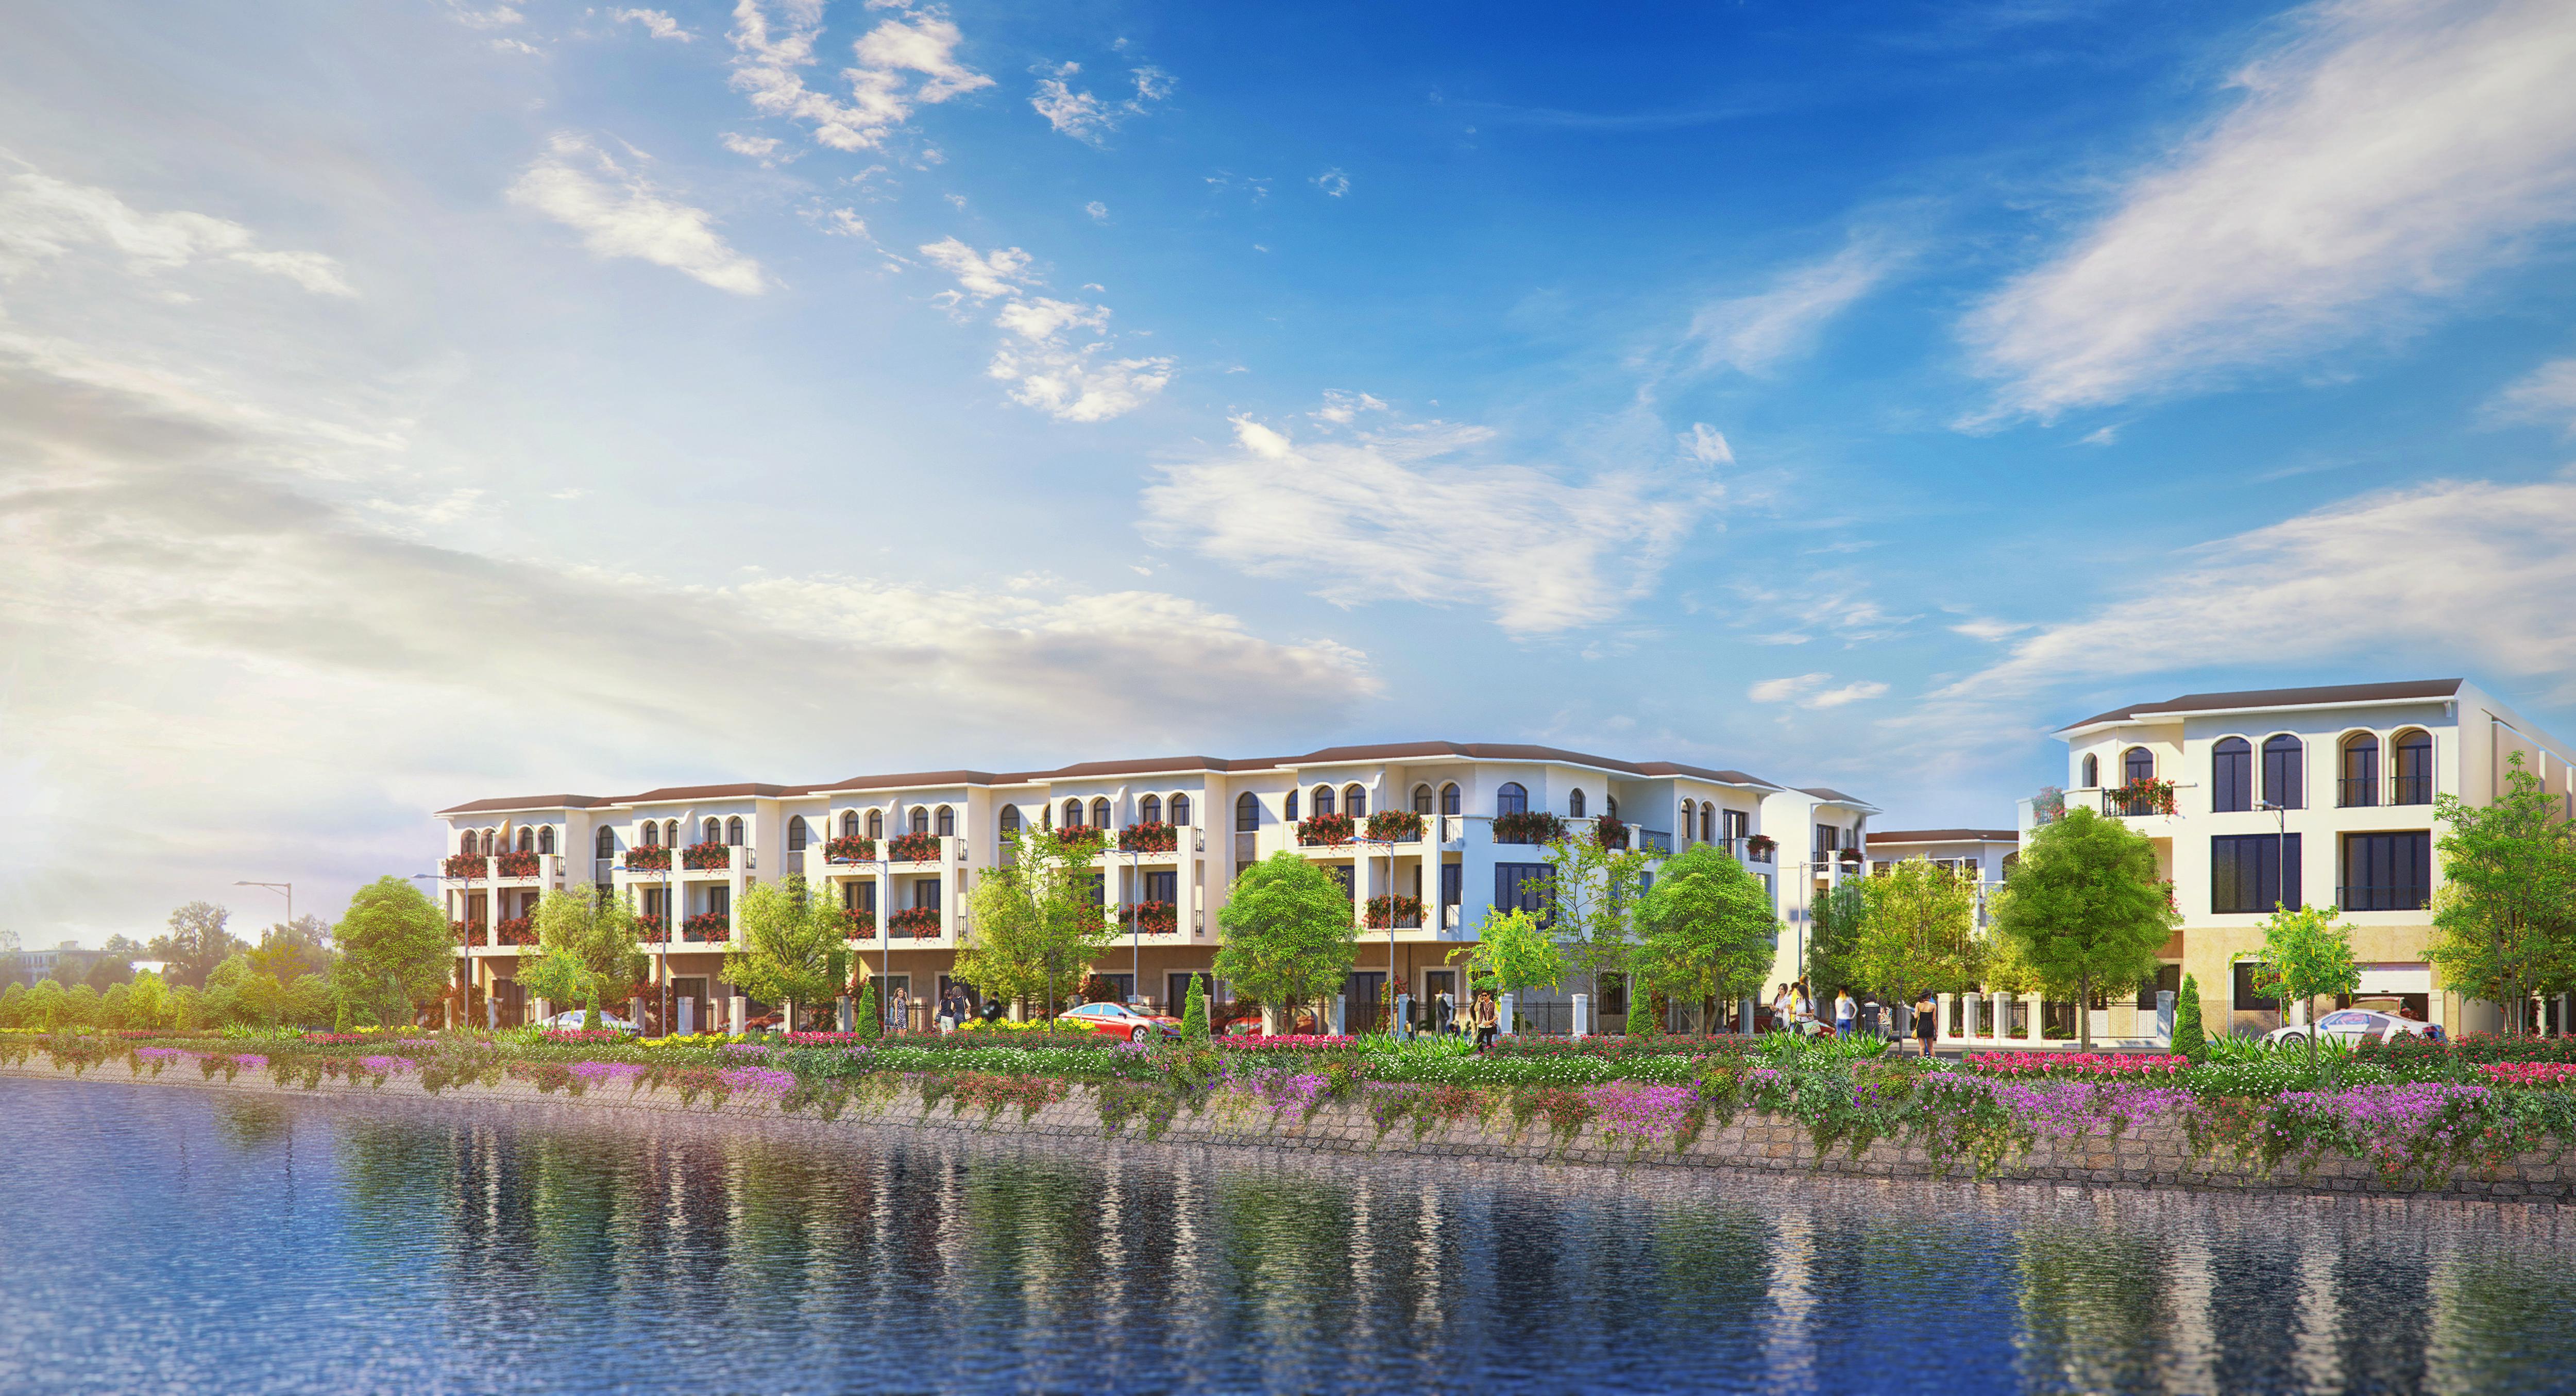 Tư vấn đầu tư vào dự án căn hộ ricca uy tín